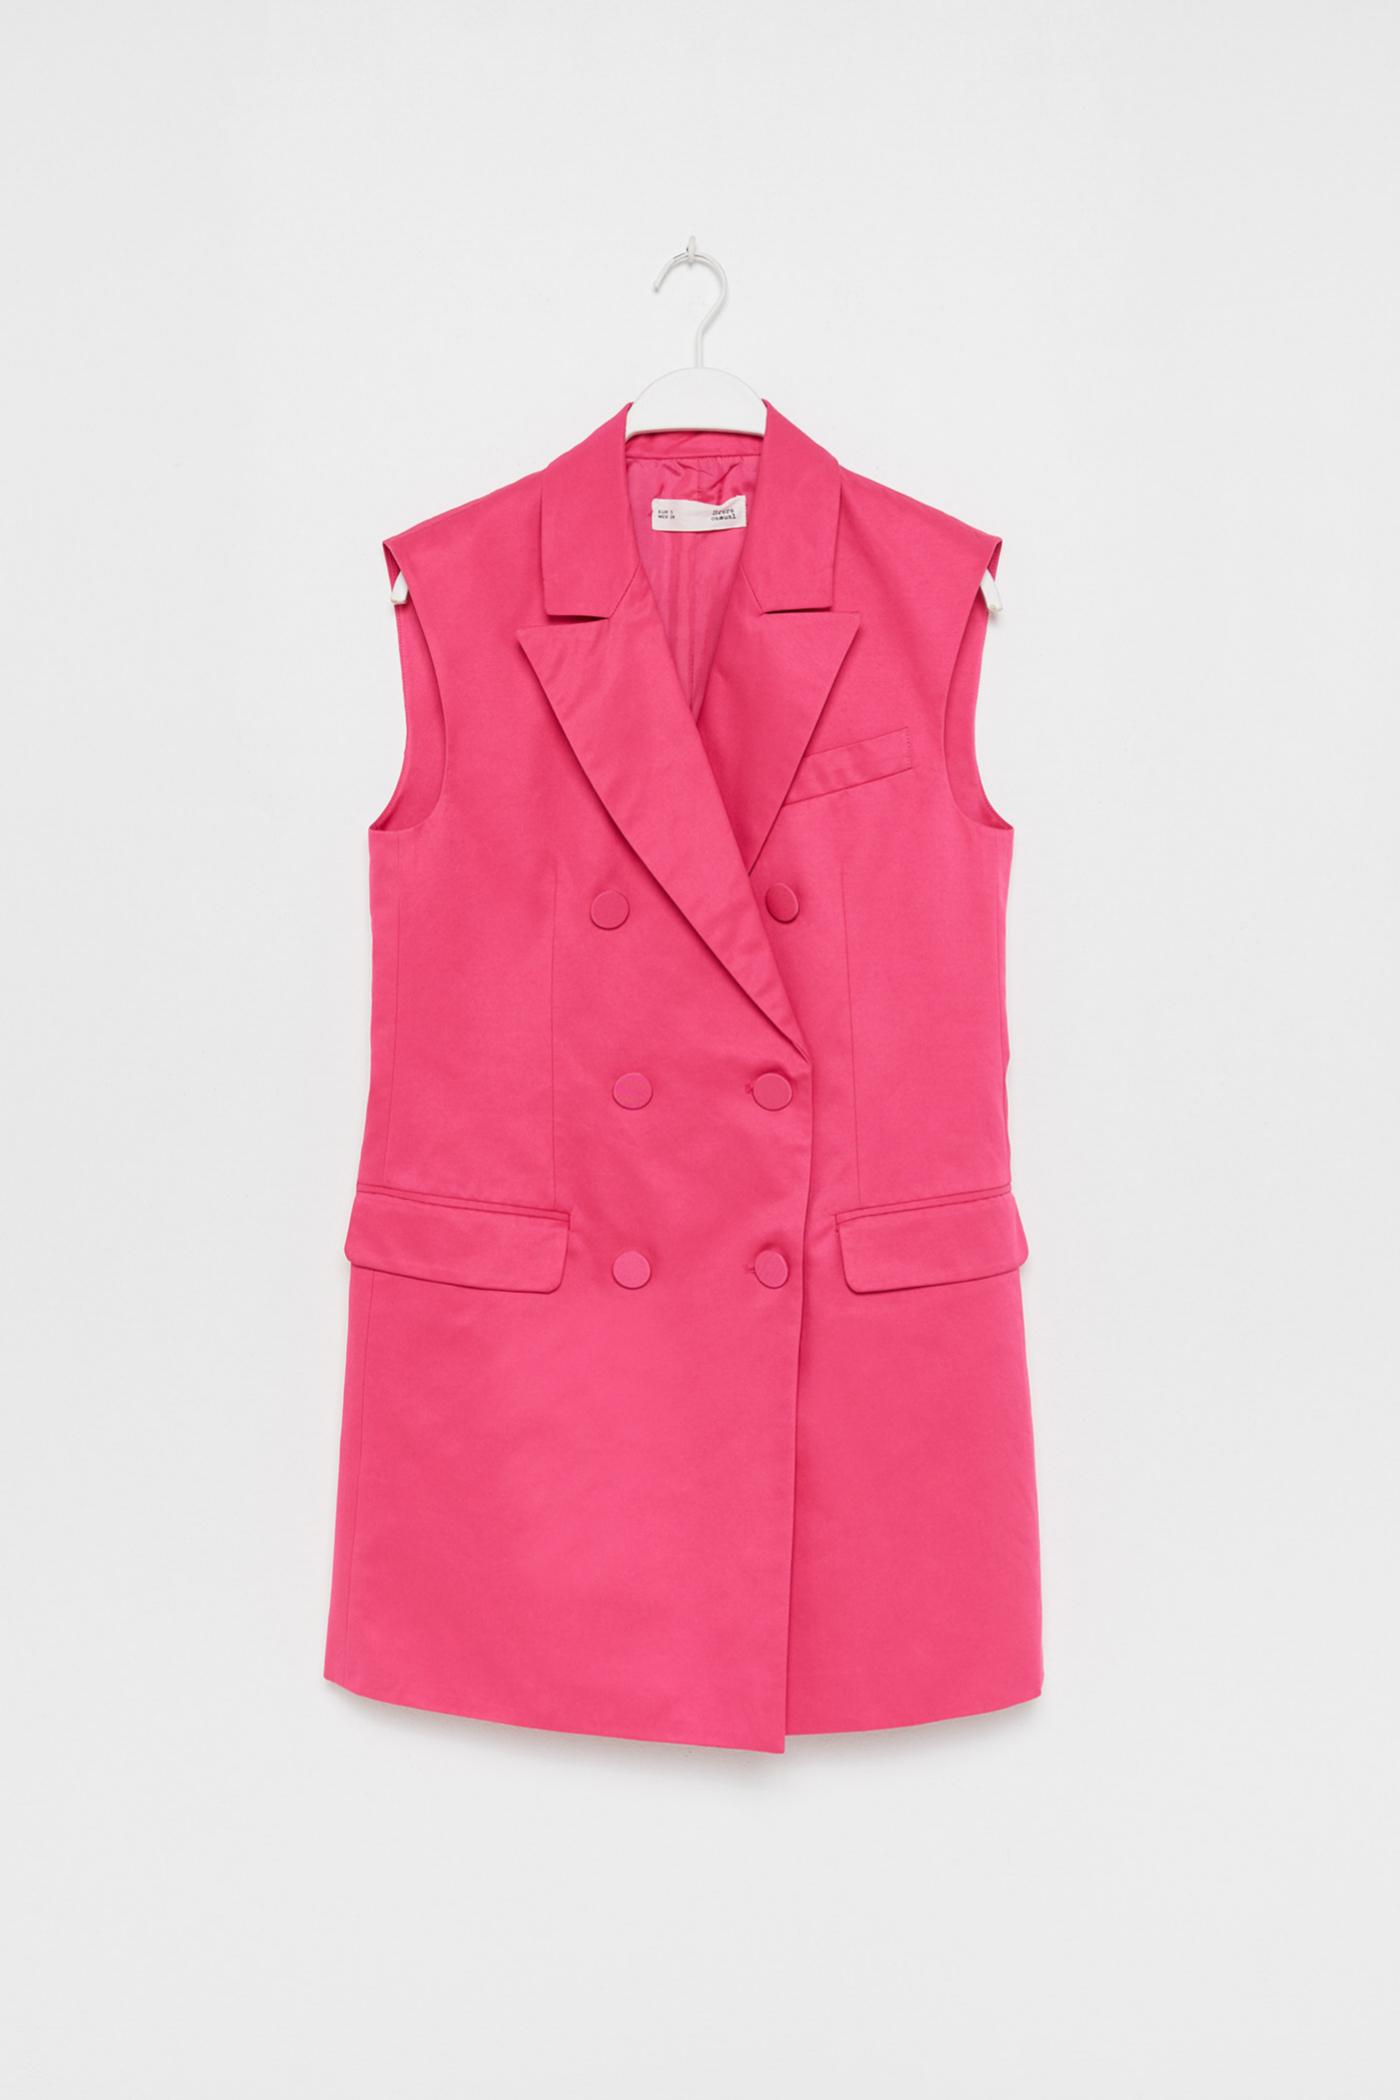 Chaleco en color rosa chicle de Sfera (35,99¤)